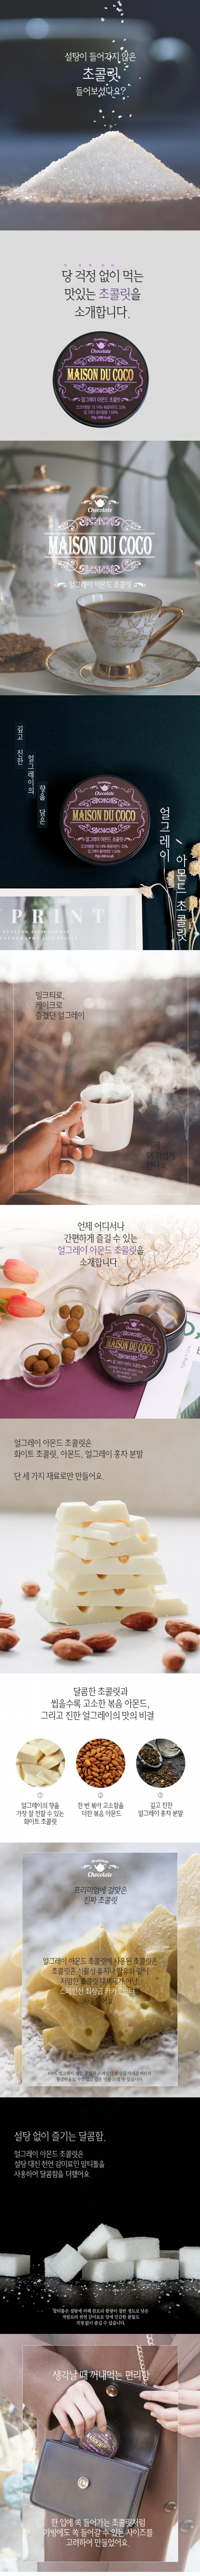 얼그레이 아몬드초콜릿 체험단 모집 (04.10~04.19)